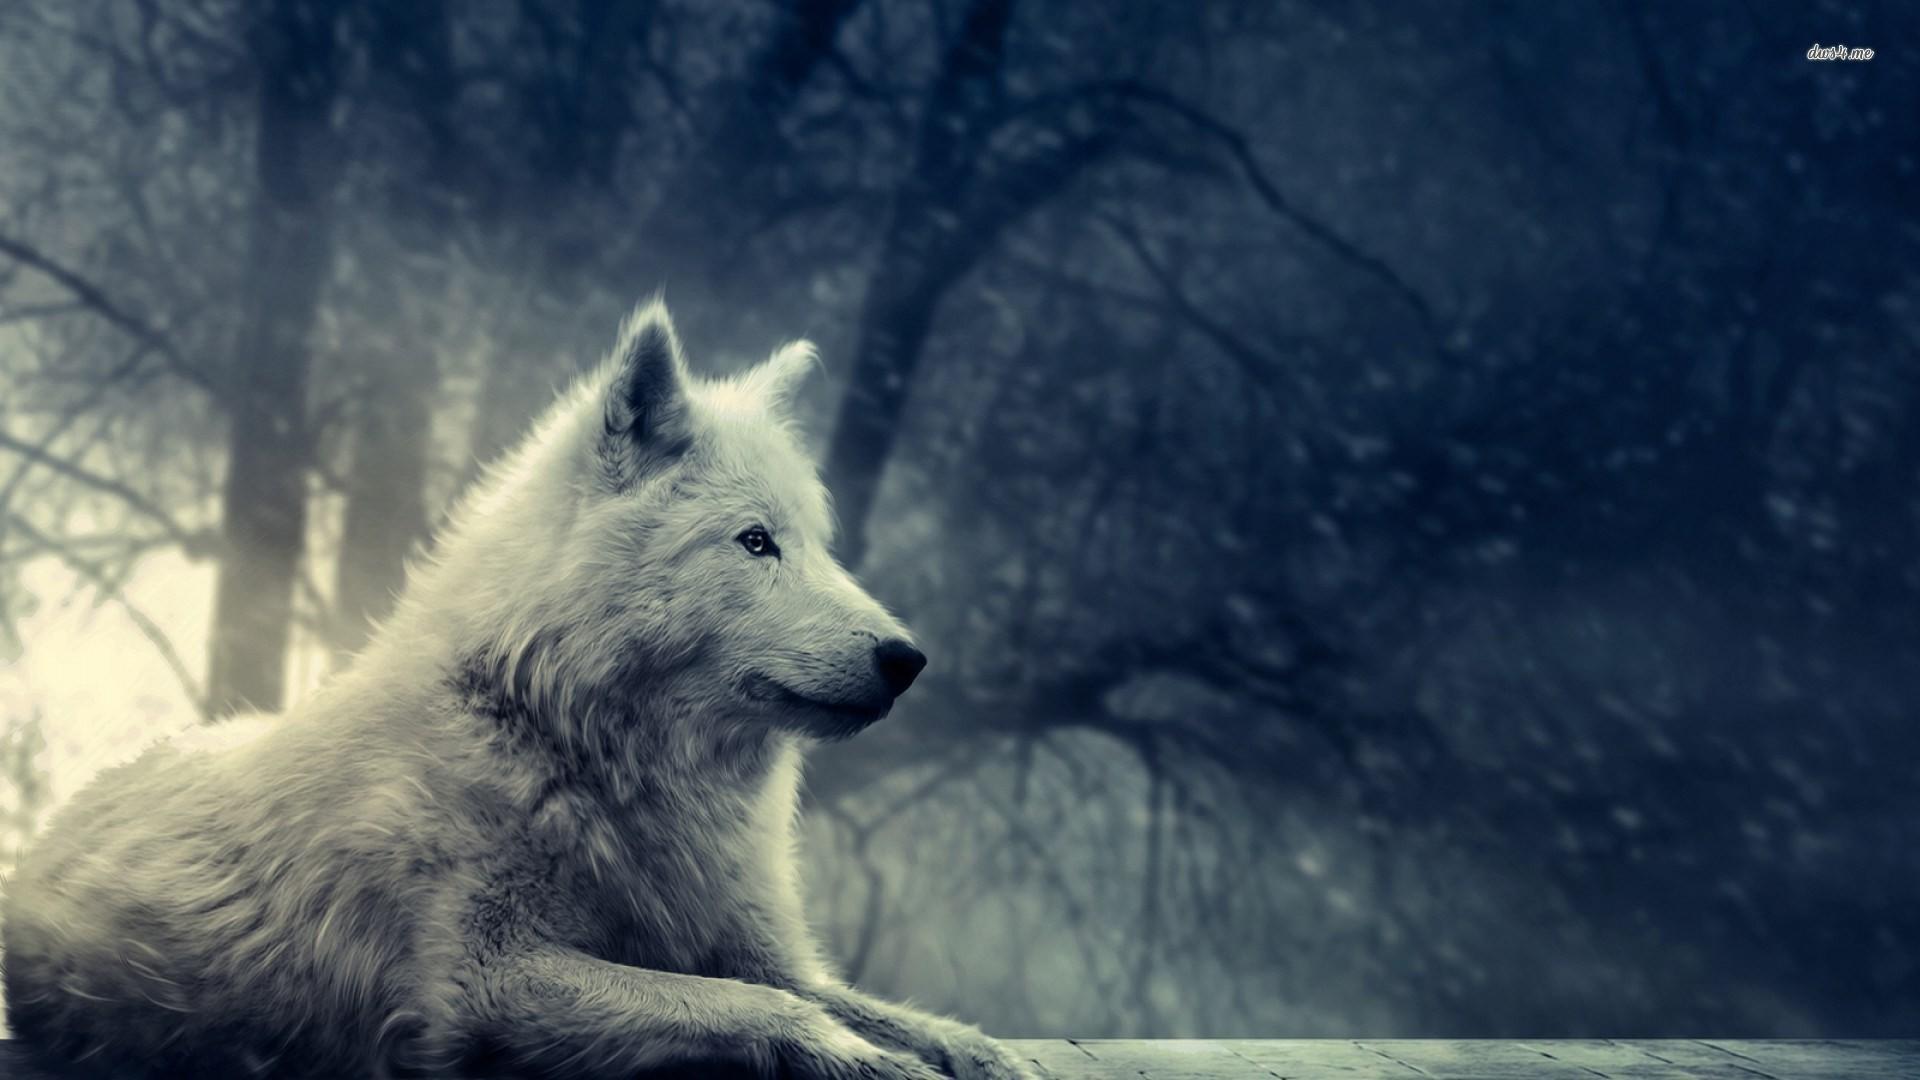 Winfred Nail – wolf art wallpaper for desktops – 1920 x 1080 px